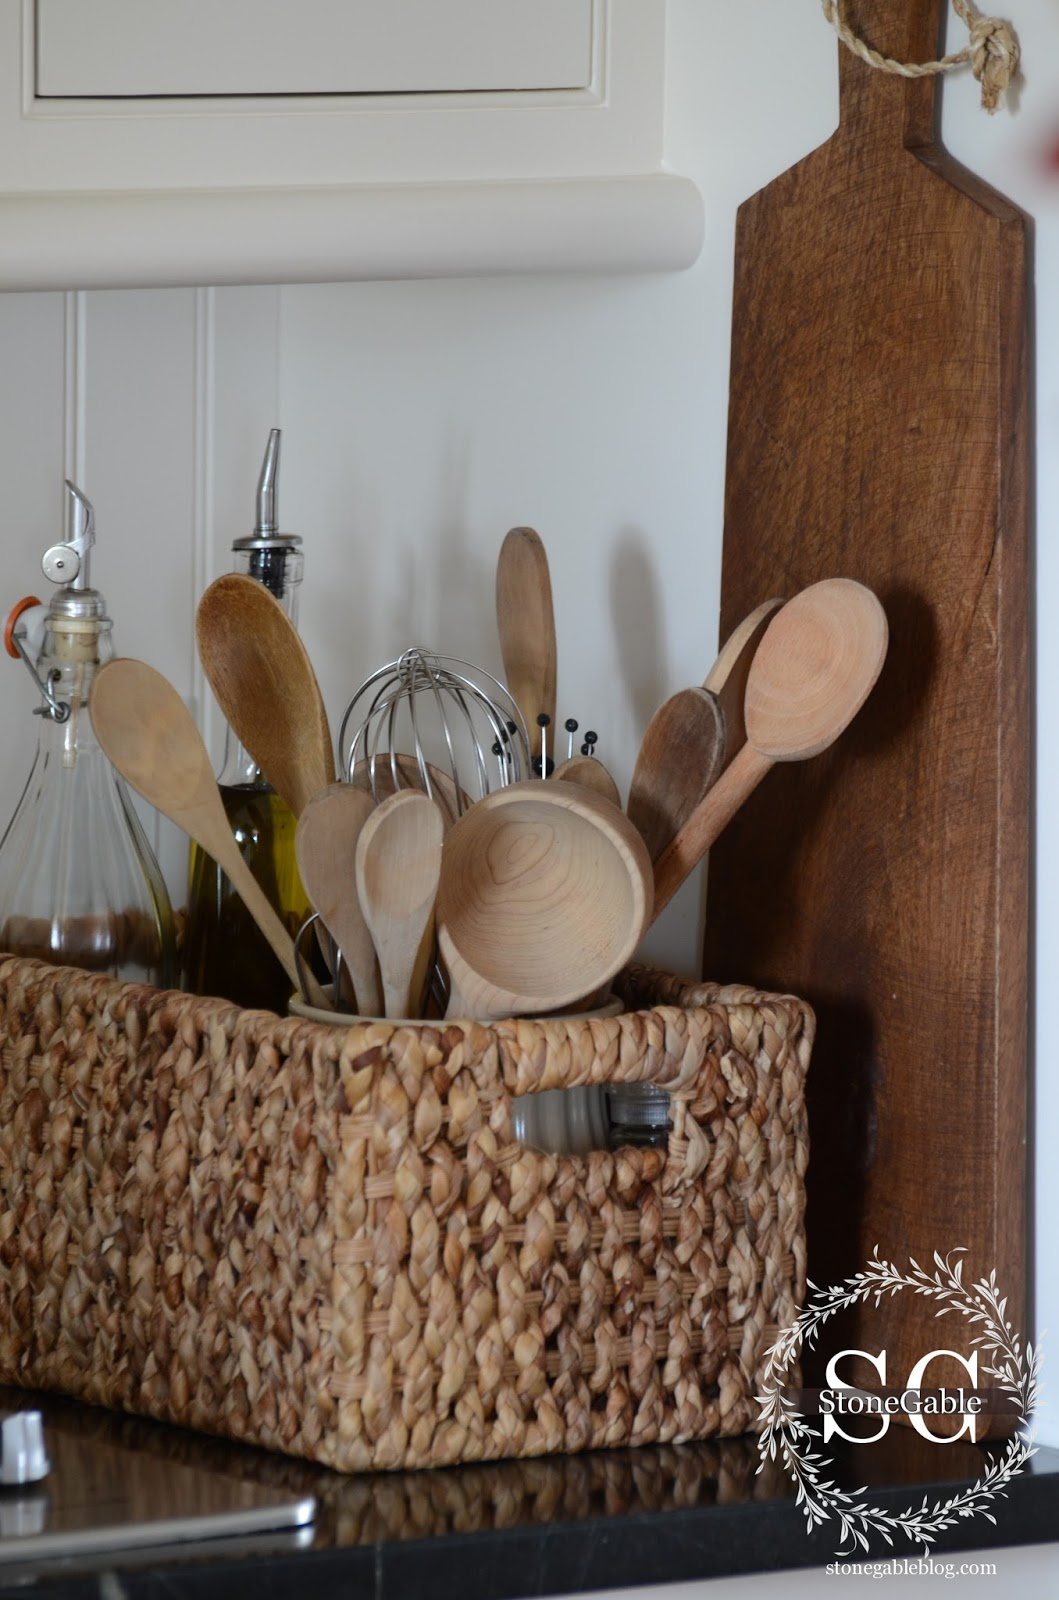 Kitchen Organization Ideas Basket